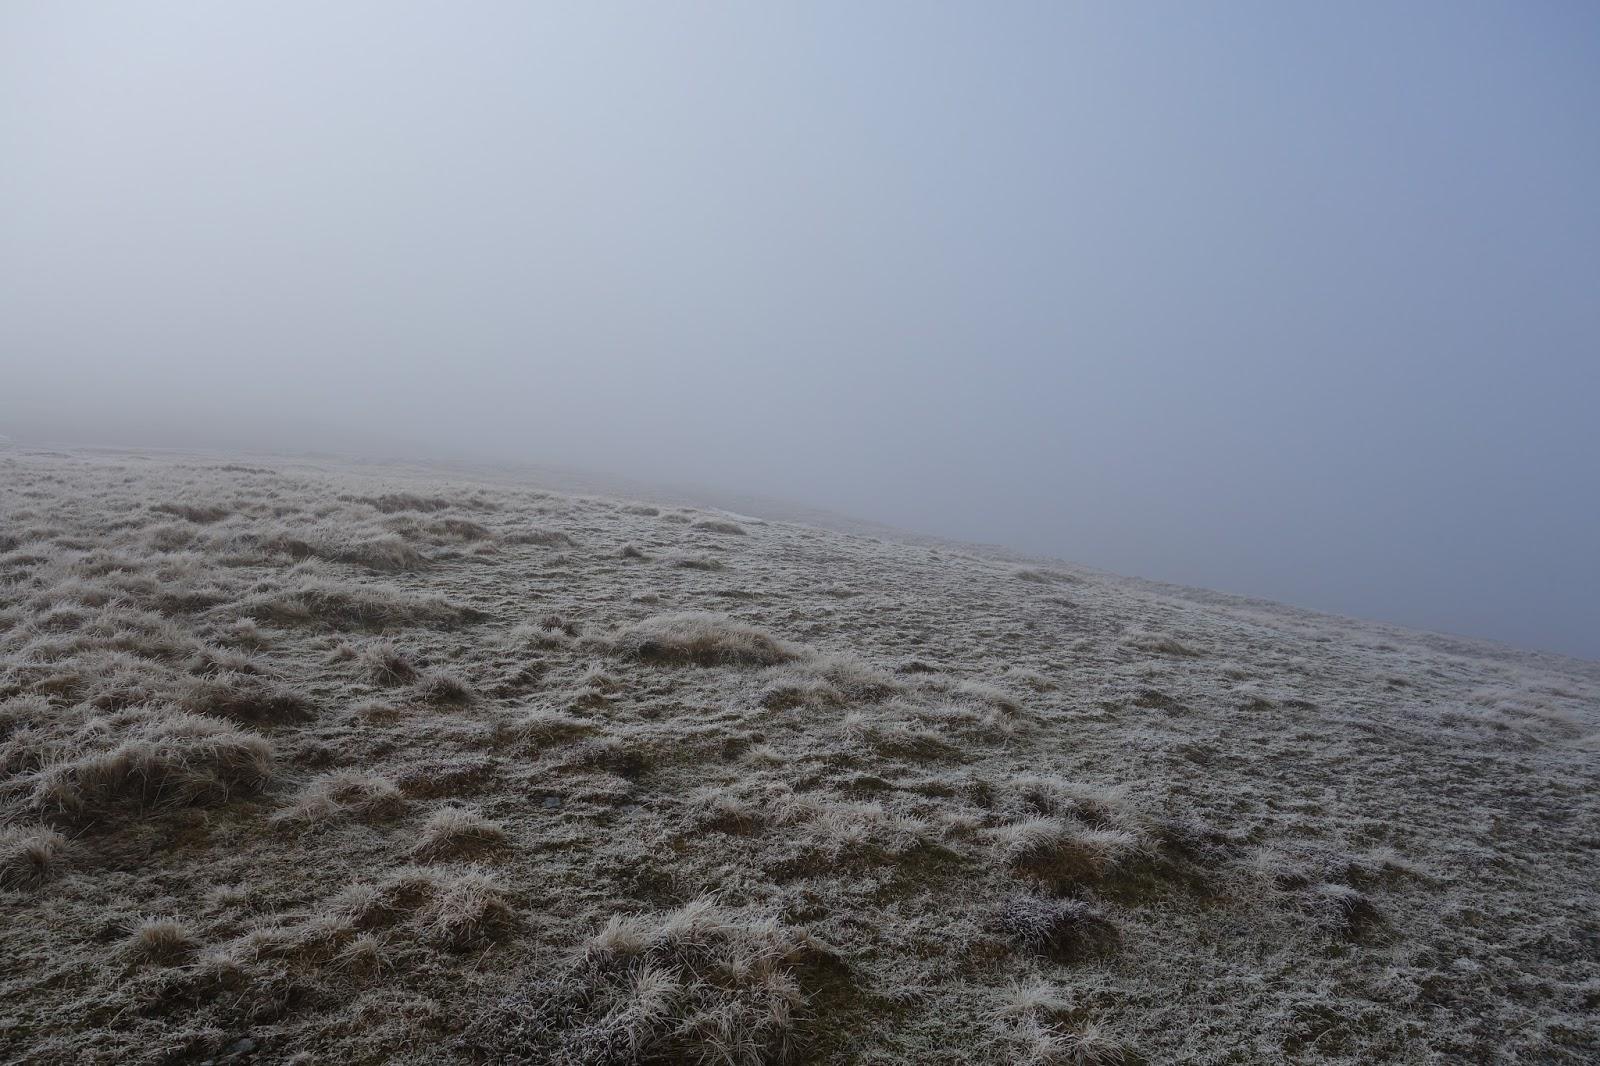 Frosty Snowdonia